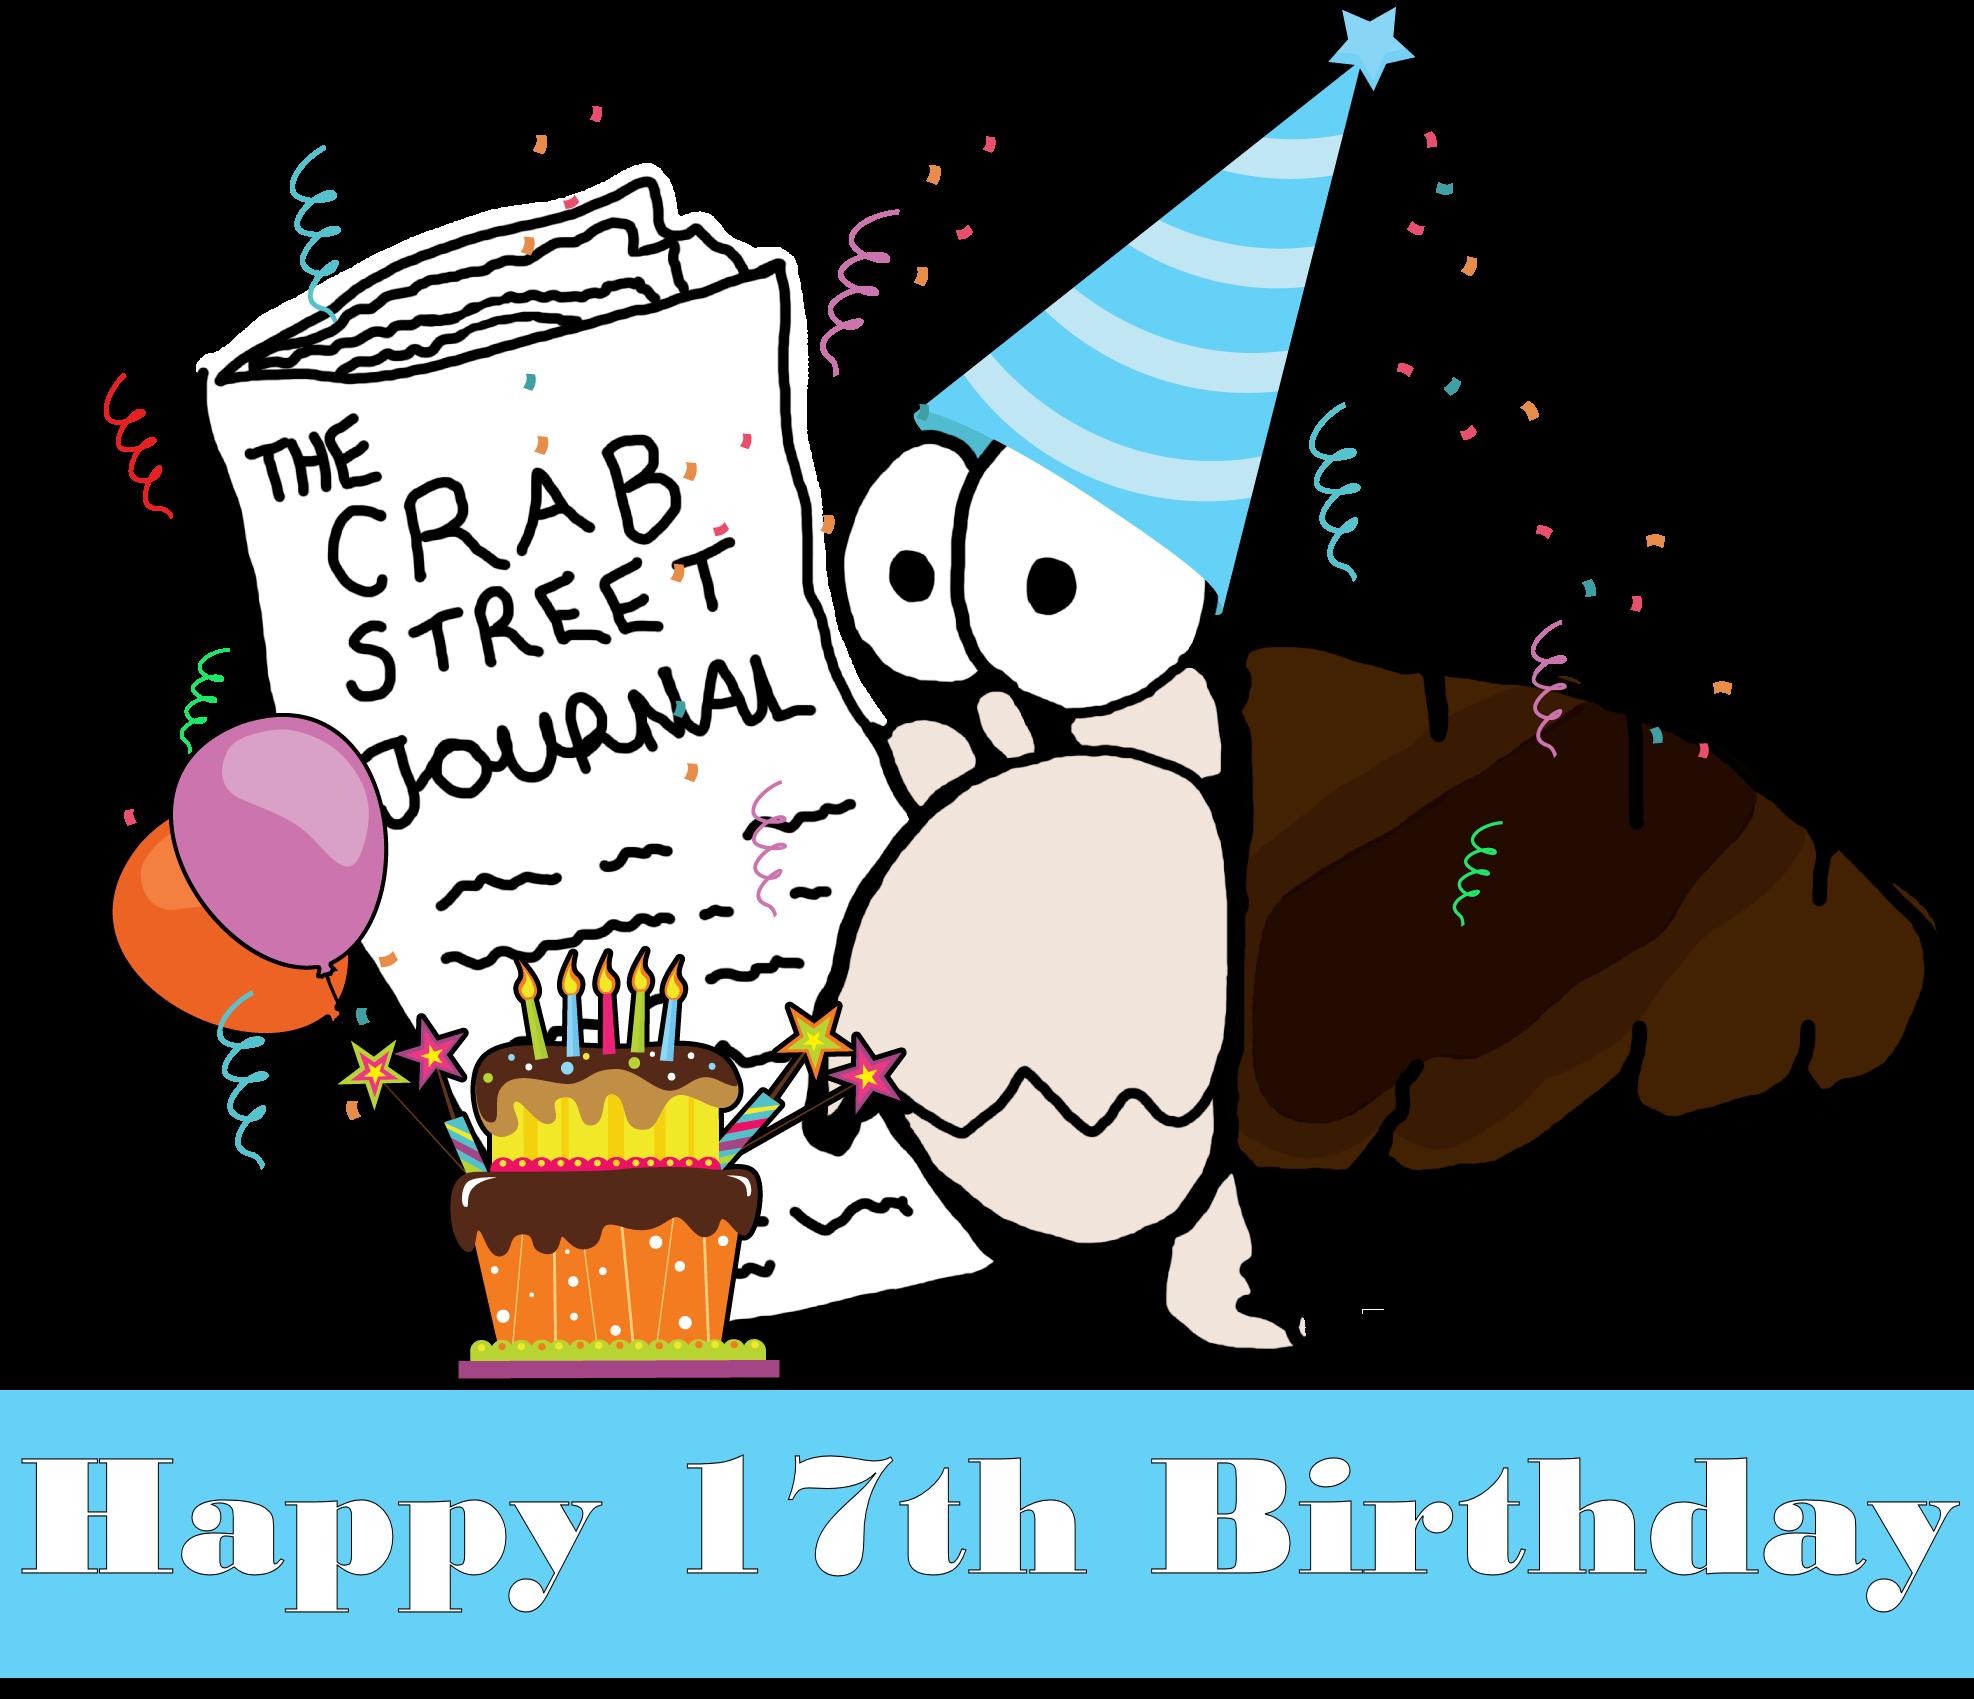 CSJ turns 17 on Oct 17 2018!!